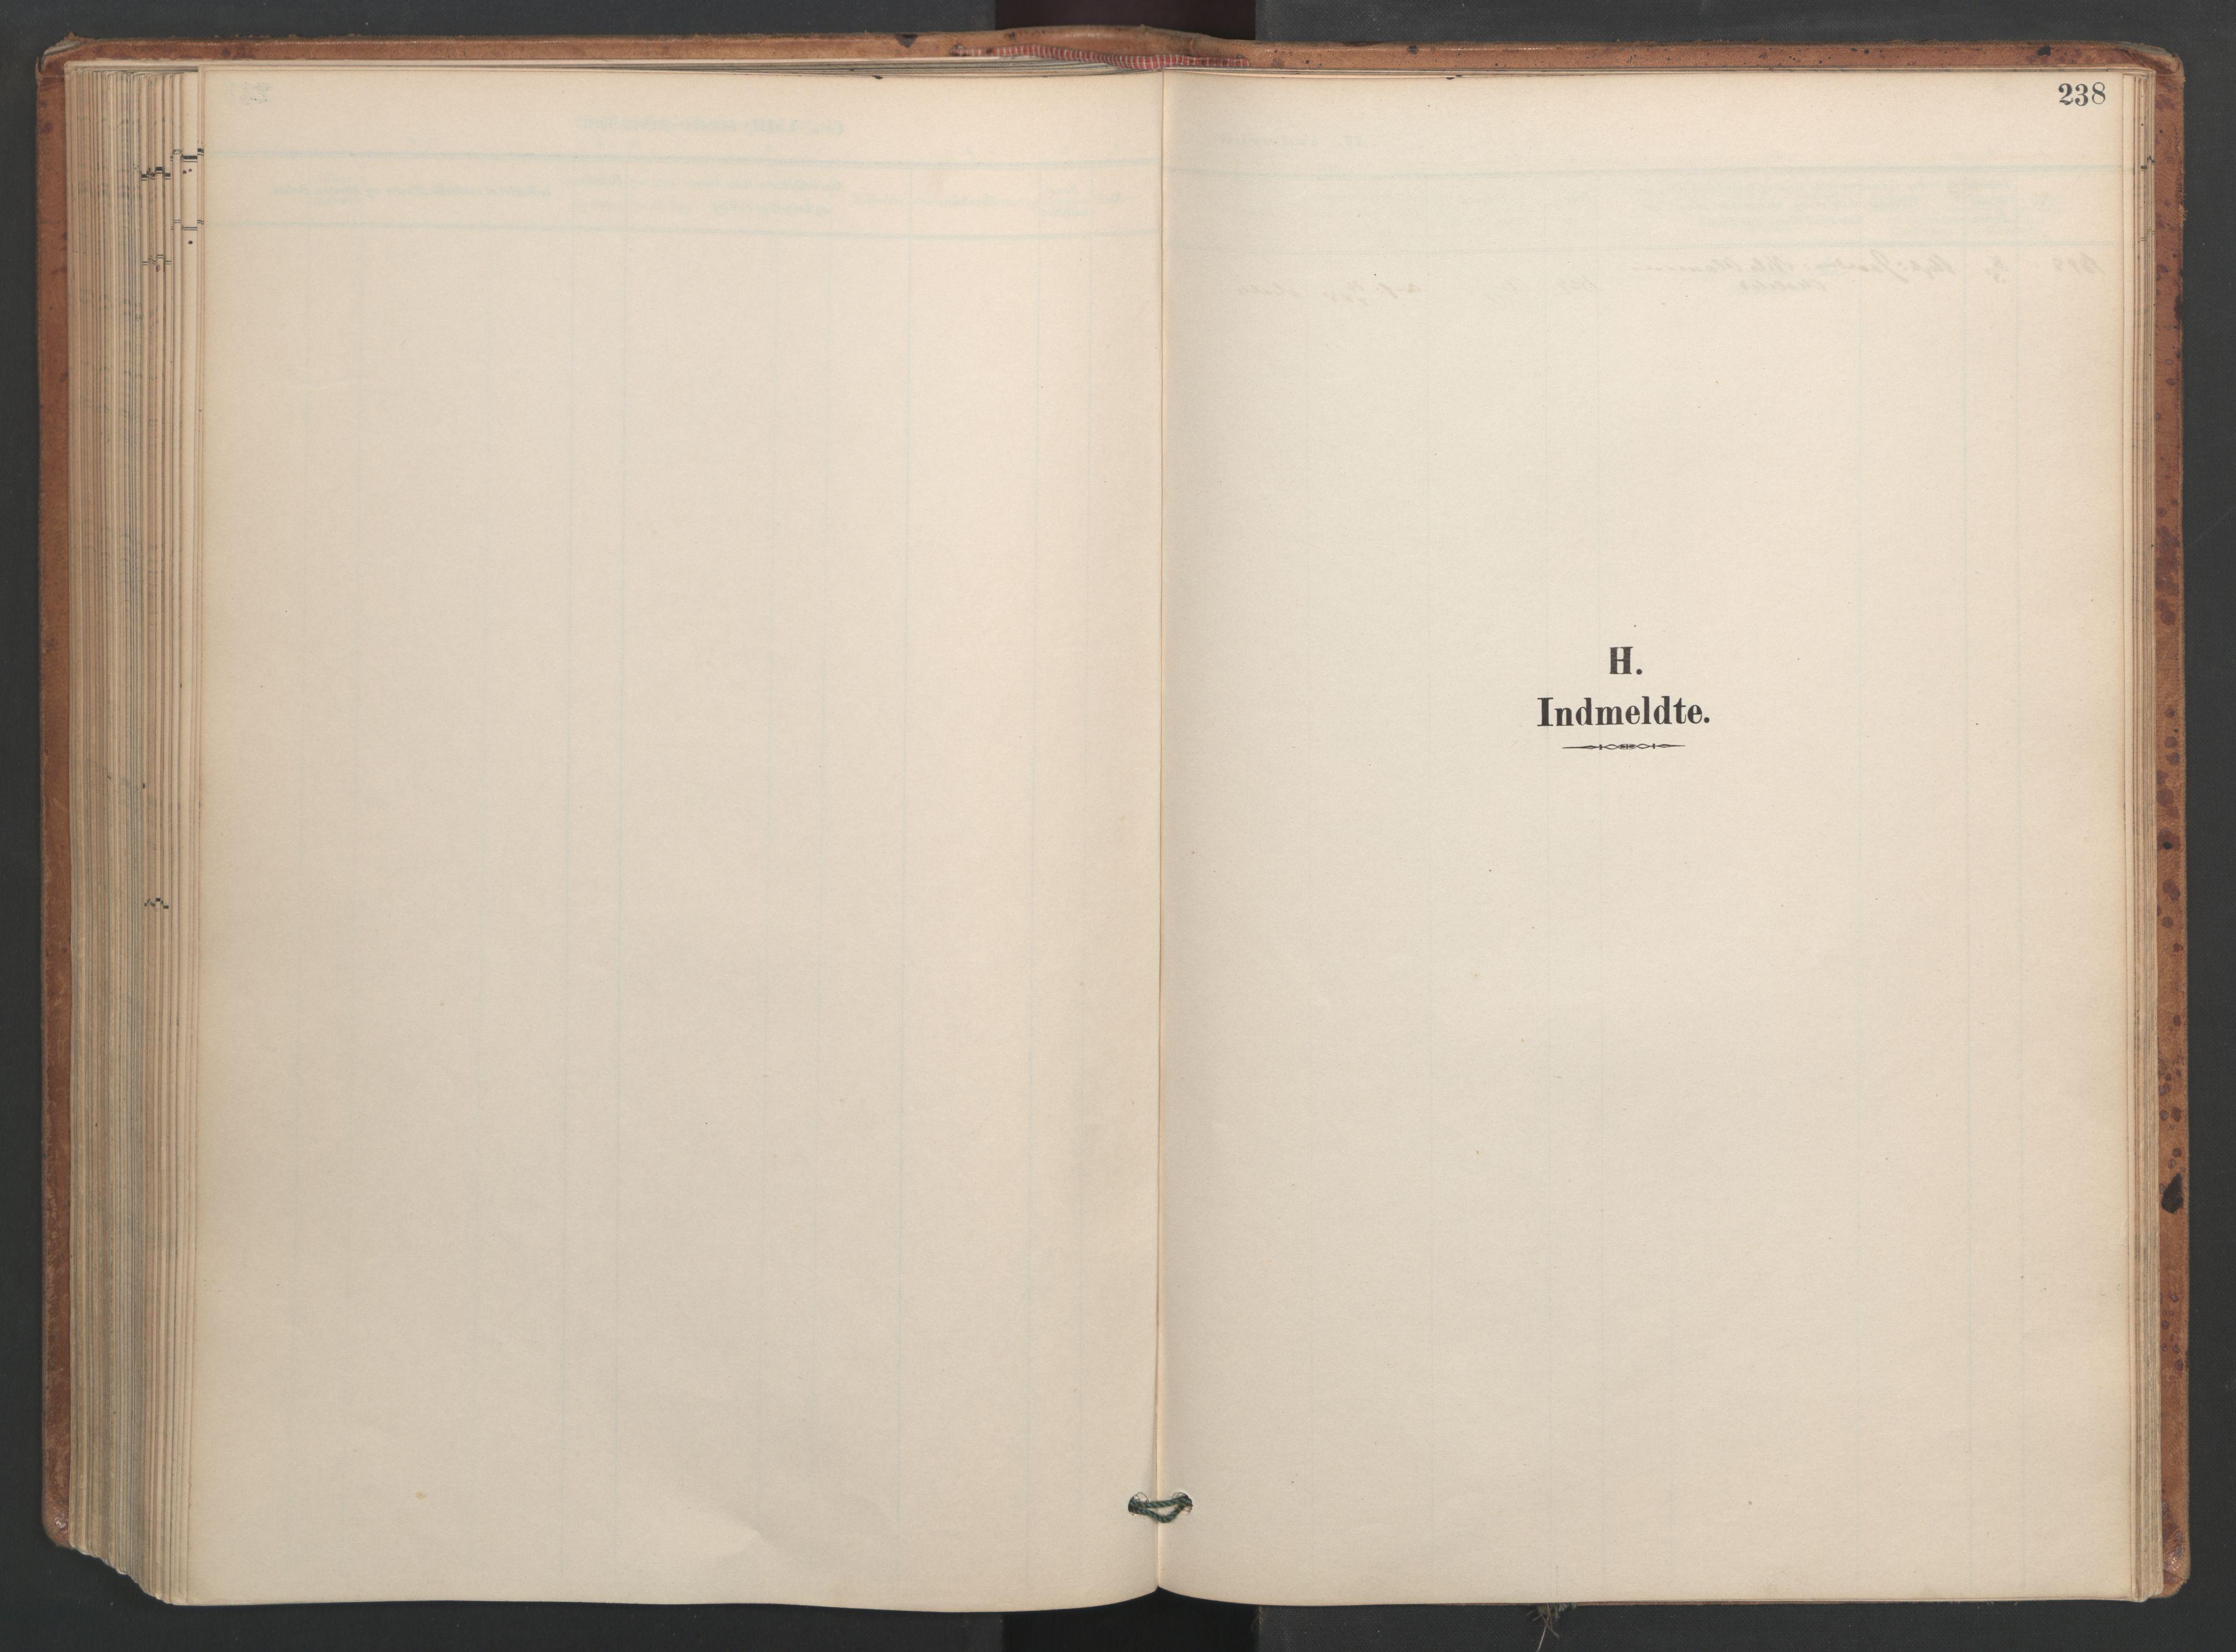 SAT, Ministerialprotokoller, klokkerbøker og fødselsregistre - Sør-Trøndelag, 655/L0681: Ministerialbok nr. 655A10, 1895-1907, s. 238